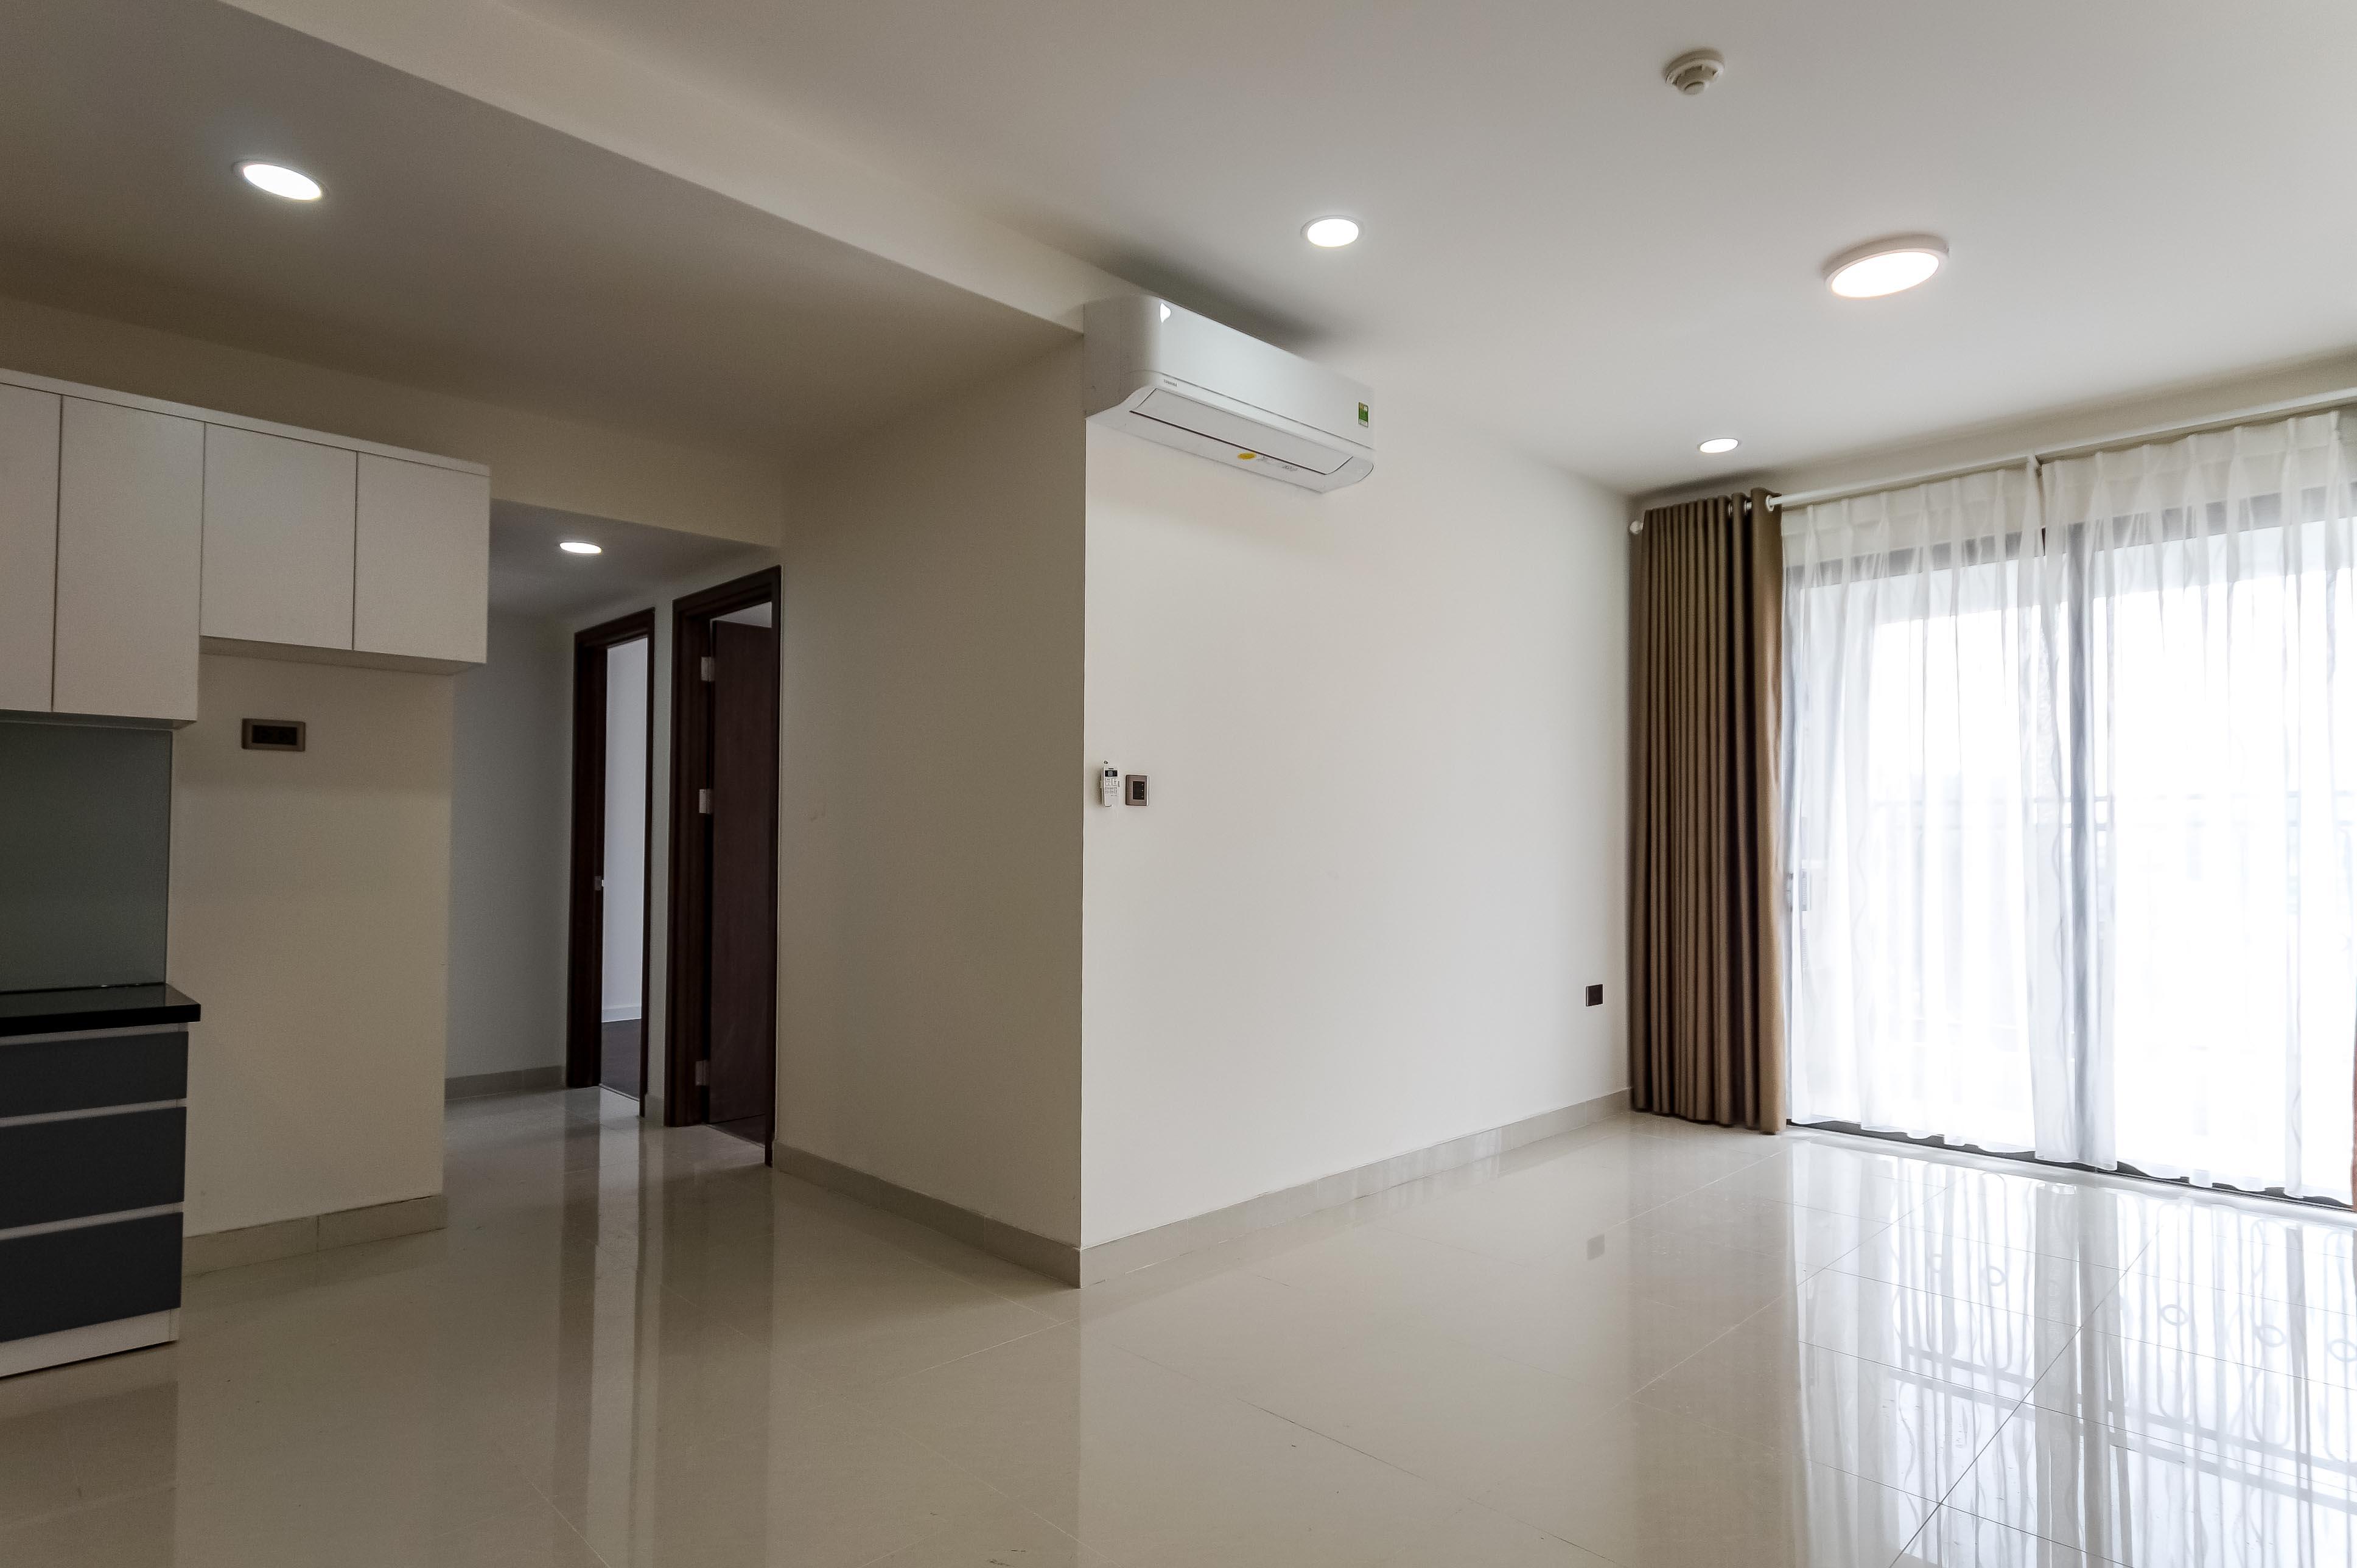 Căn hộ 2 PN Saigon Royal Residence - Không Nội Thất & Tràn Ngập Ánh Sáng-0